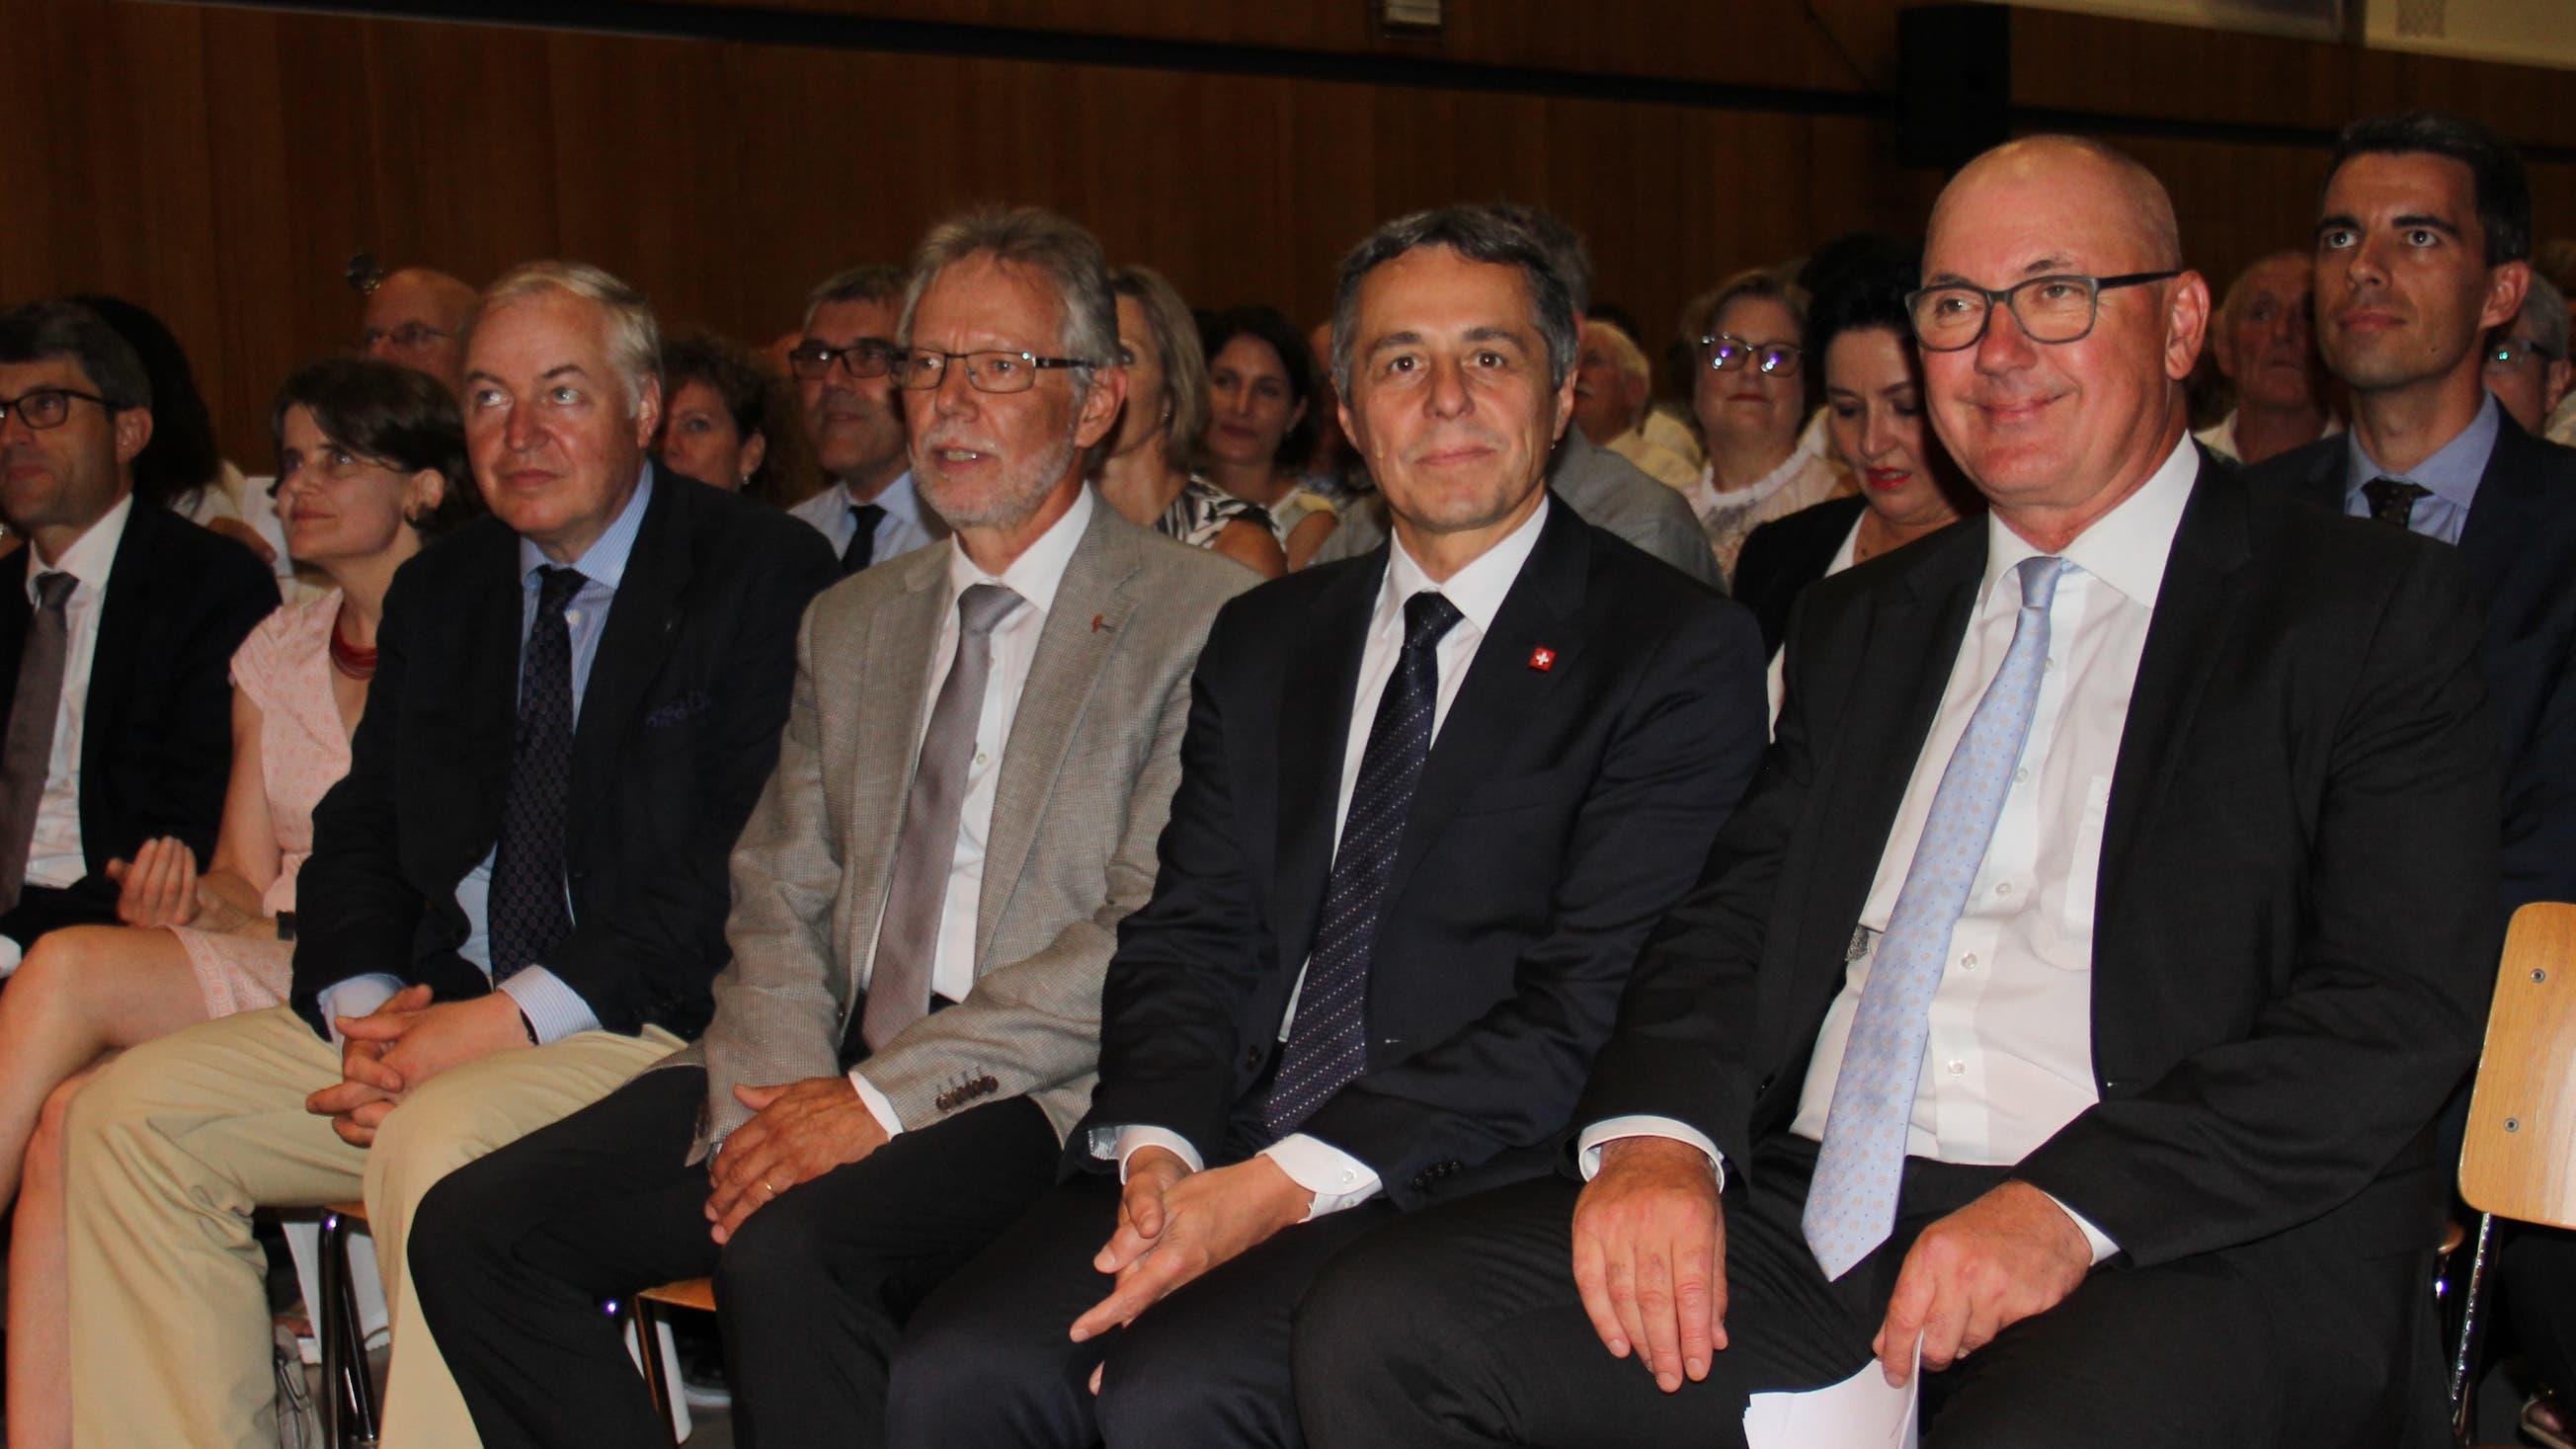 man Ignazio Cassis mit Politikern aus den Kantonen Baselland und Basel-Stadt. Rechts von vorne neben ihm sitzt Isaac Reber, Regierungspräsident Baselland, links Peter Riebli (Landratspräsident).